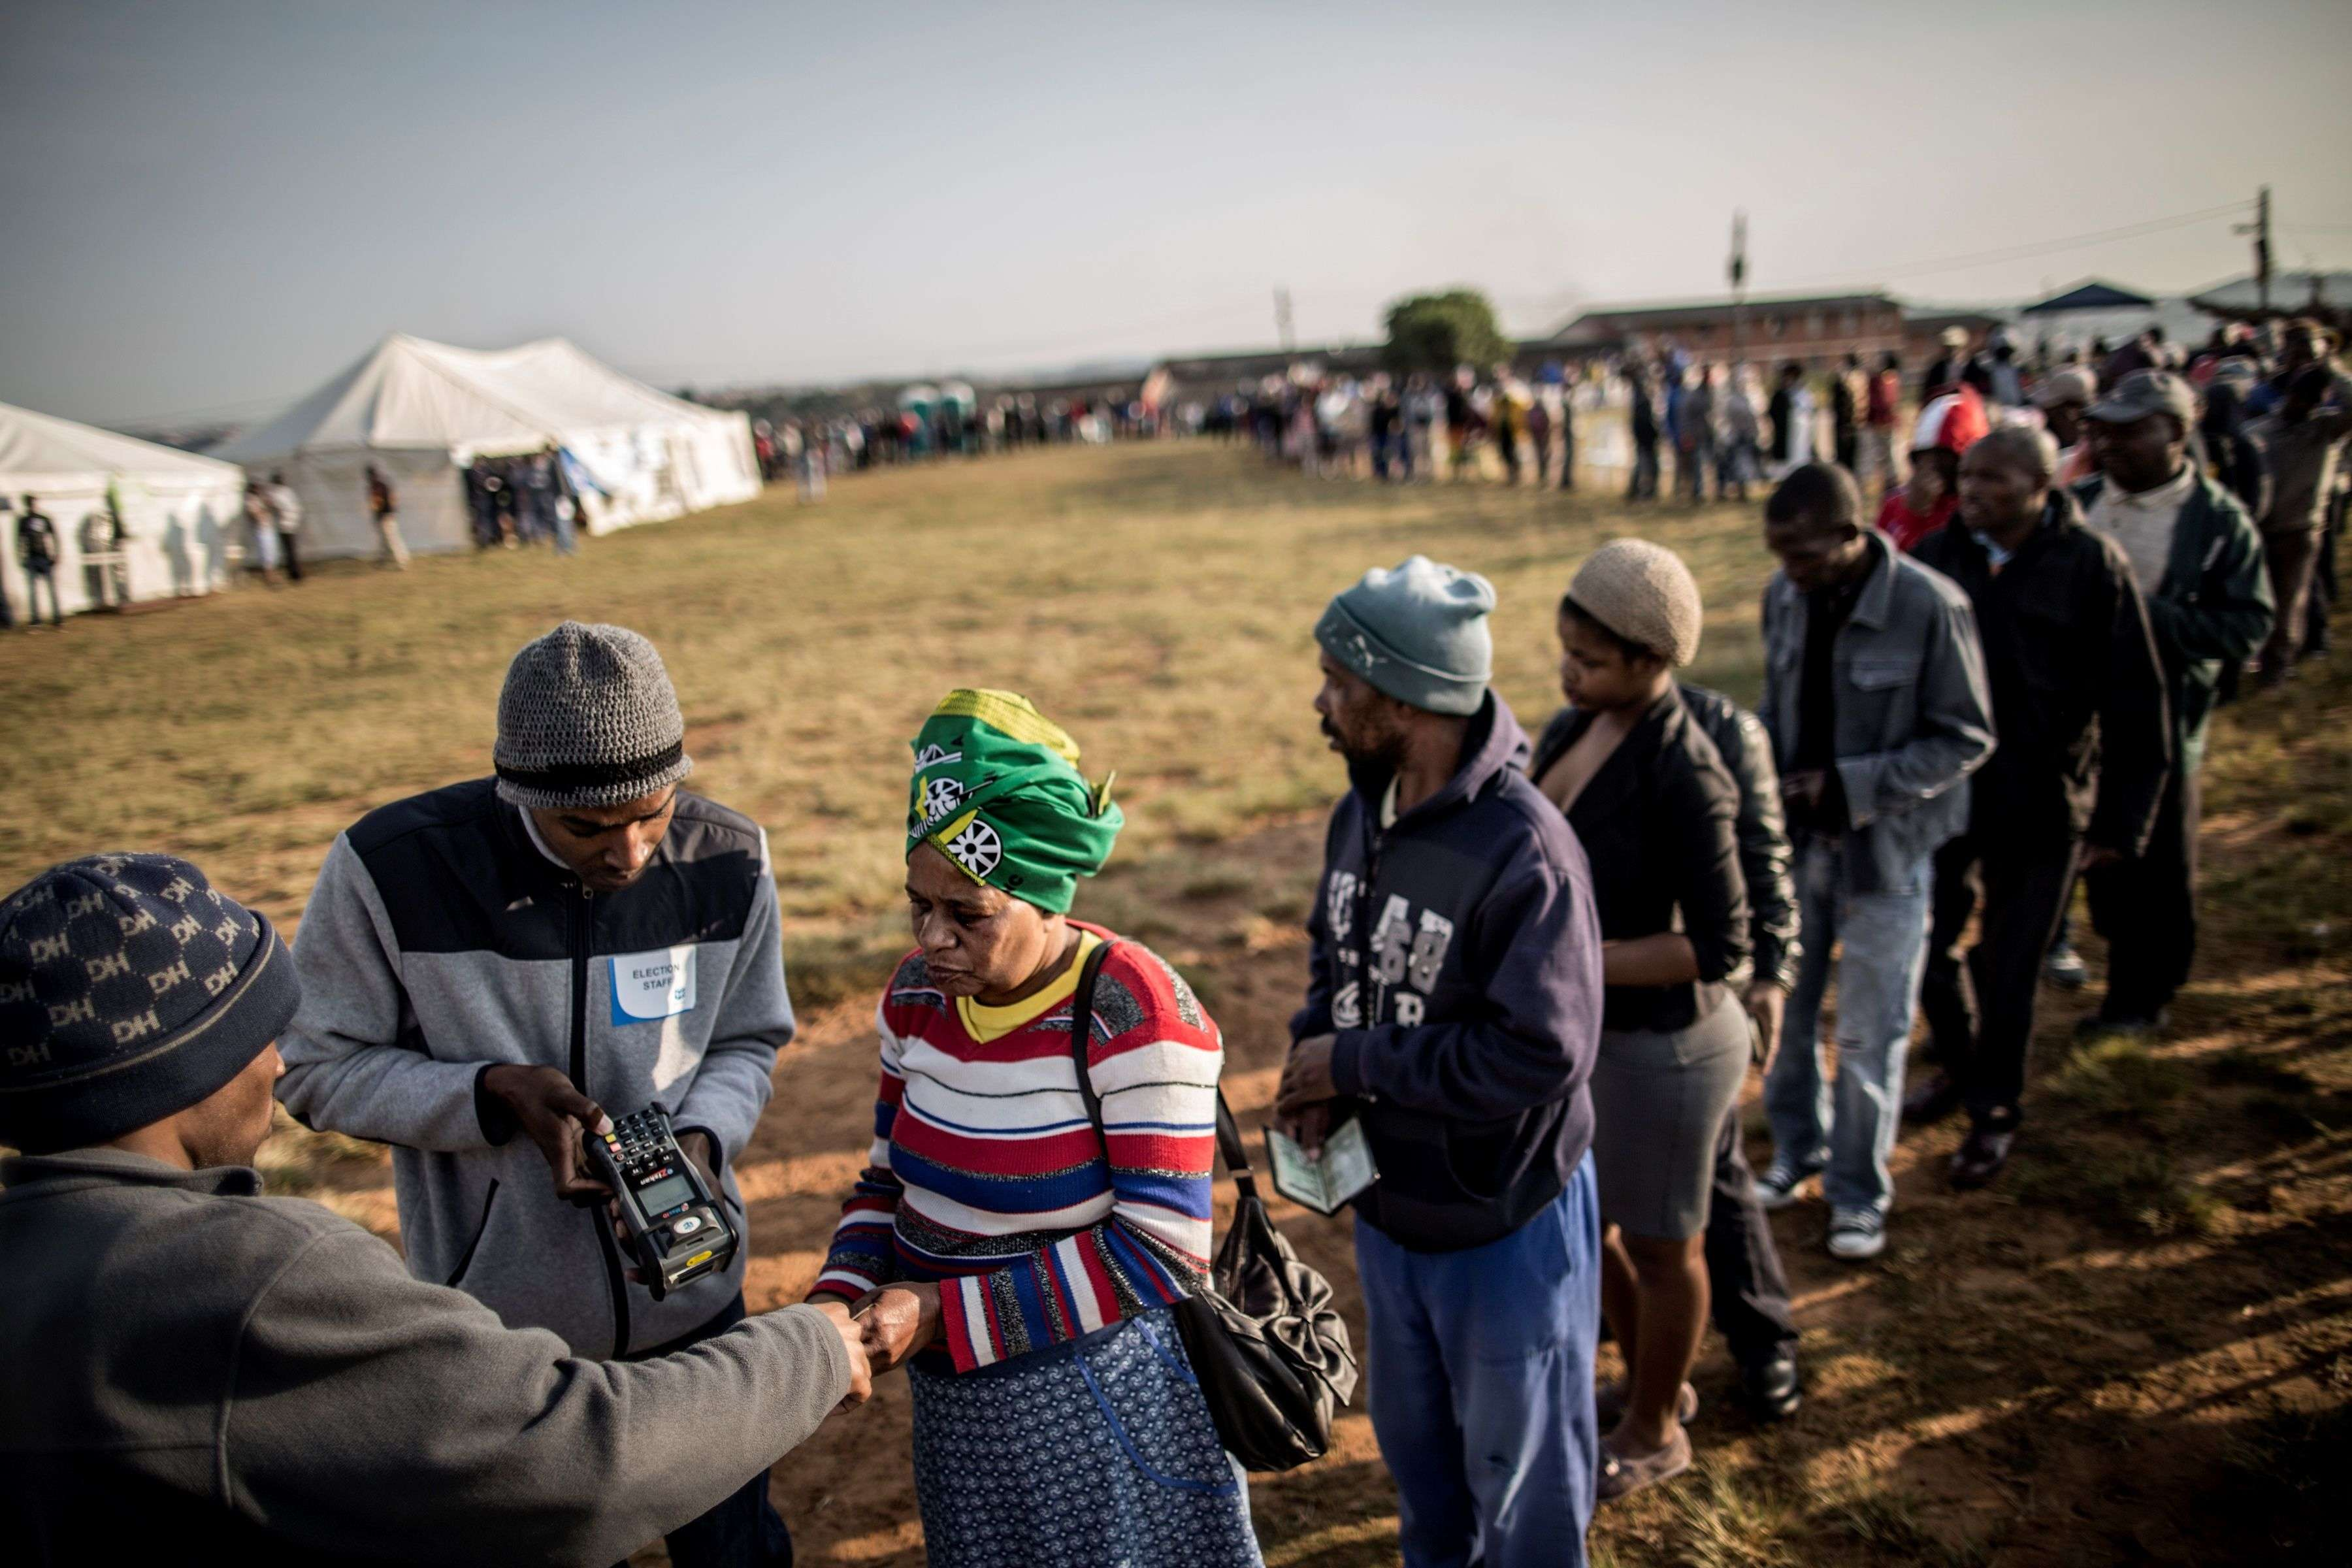 L'identité des votants est contrôlée à Umlazi, au sud-ouest de Durban, le 3 août.